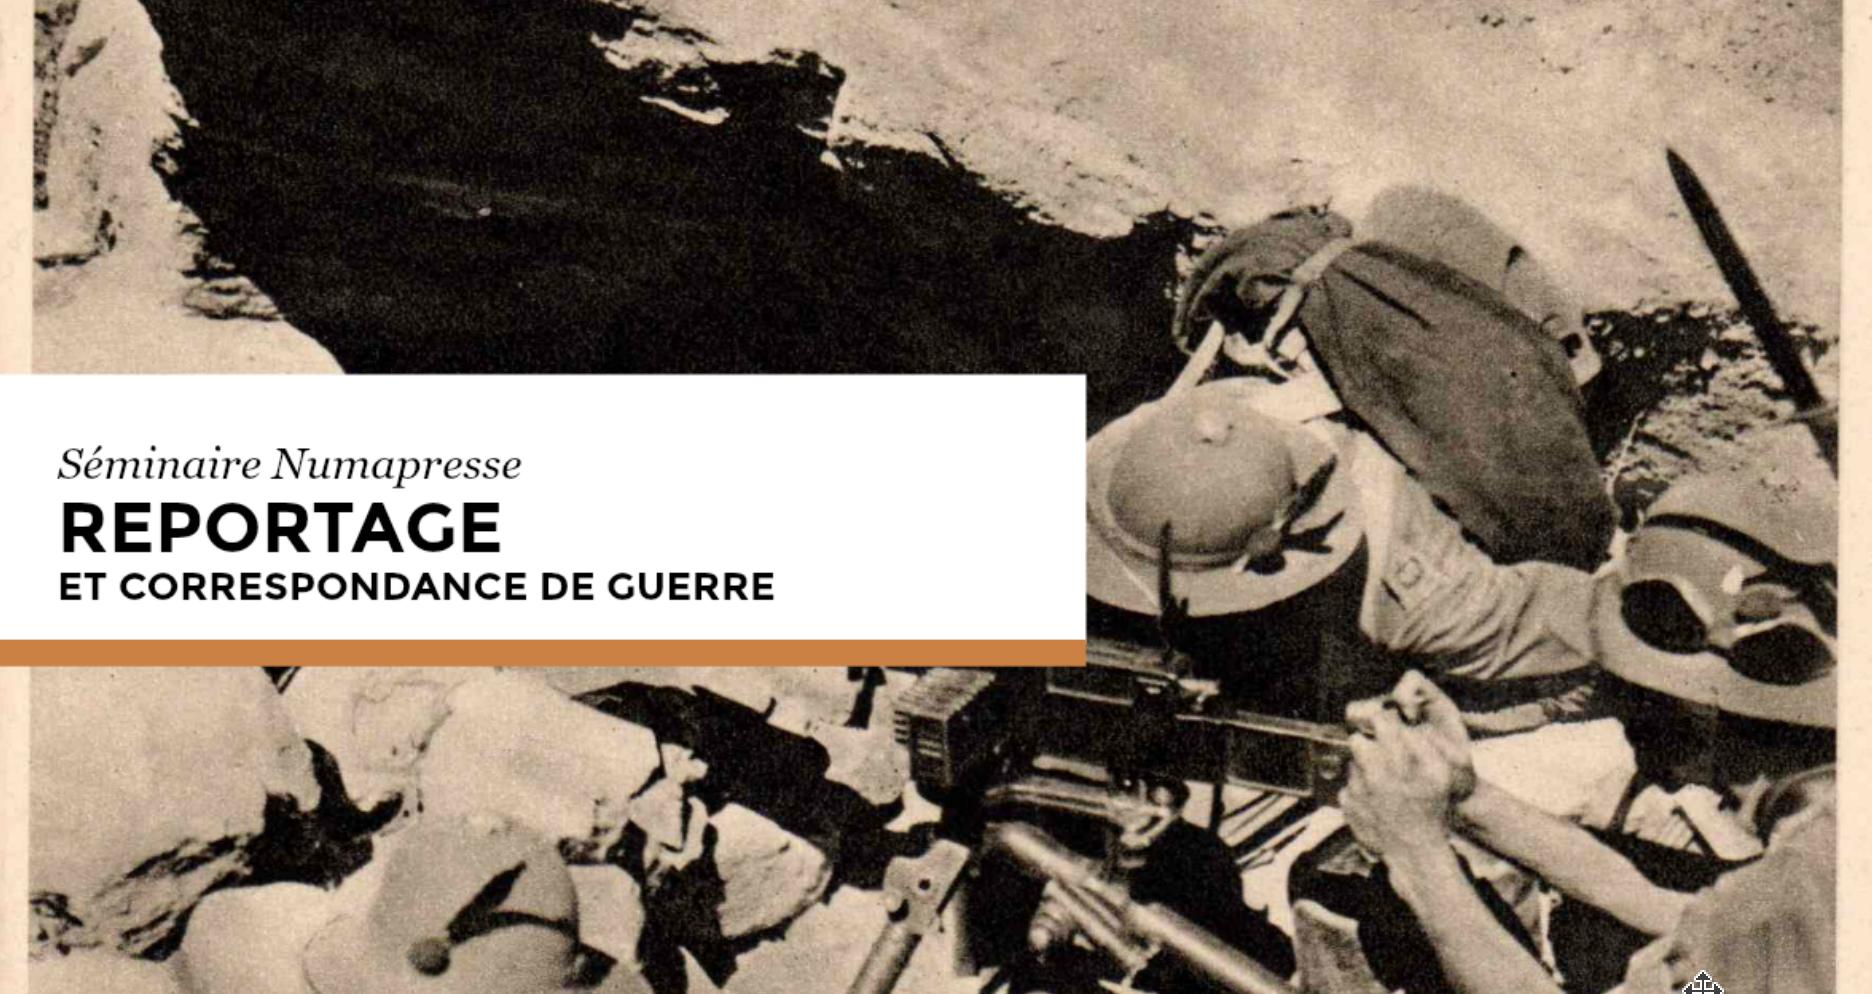 Séminaire Numapresse : Reportage et correspondance de guerre (23 octobre 2018) à Neuilly